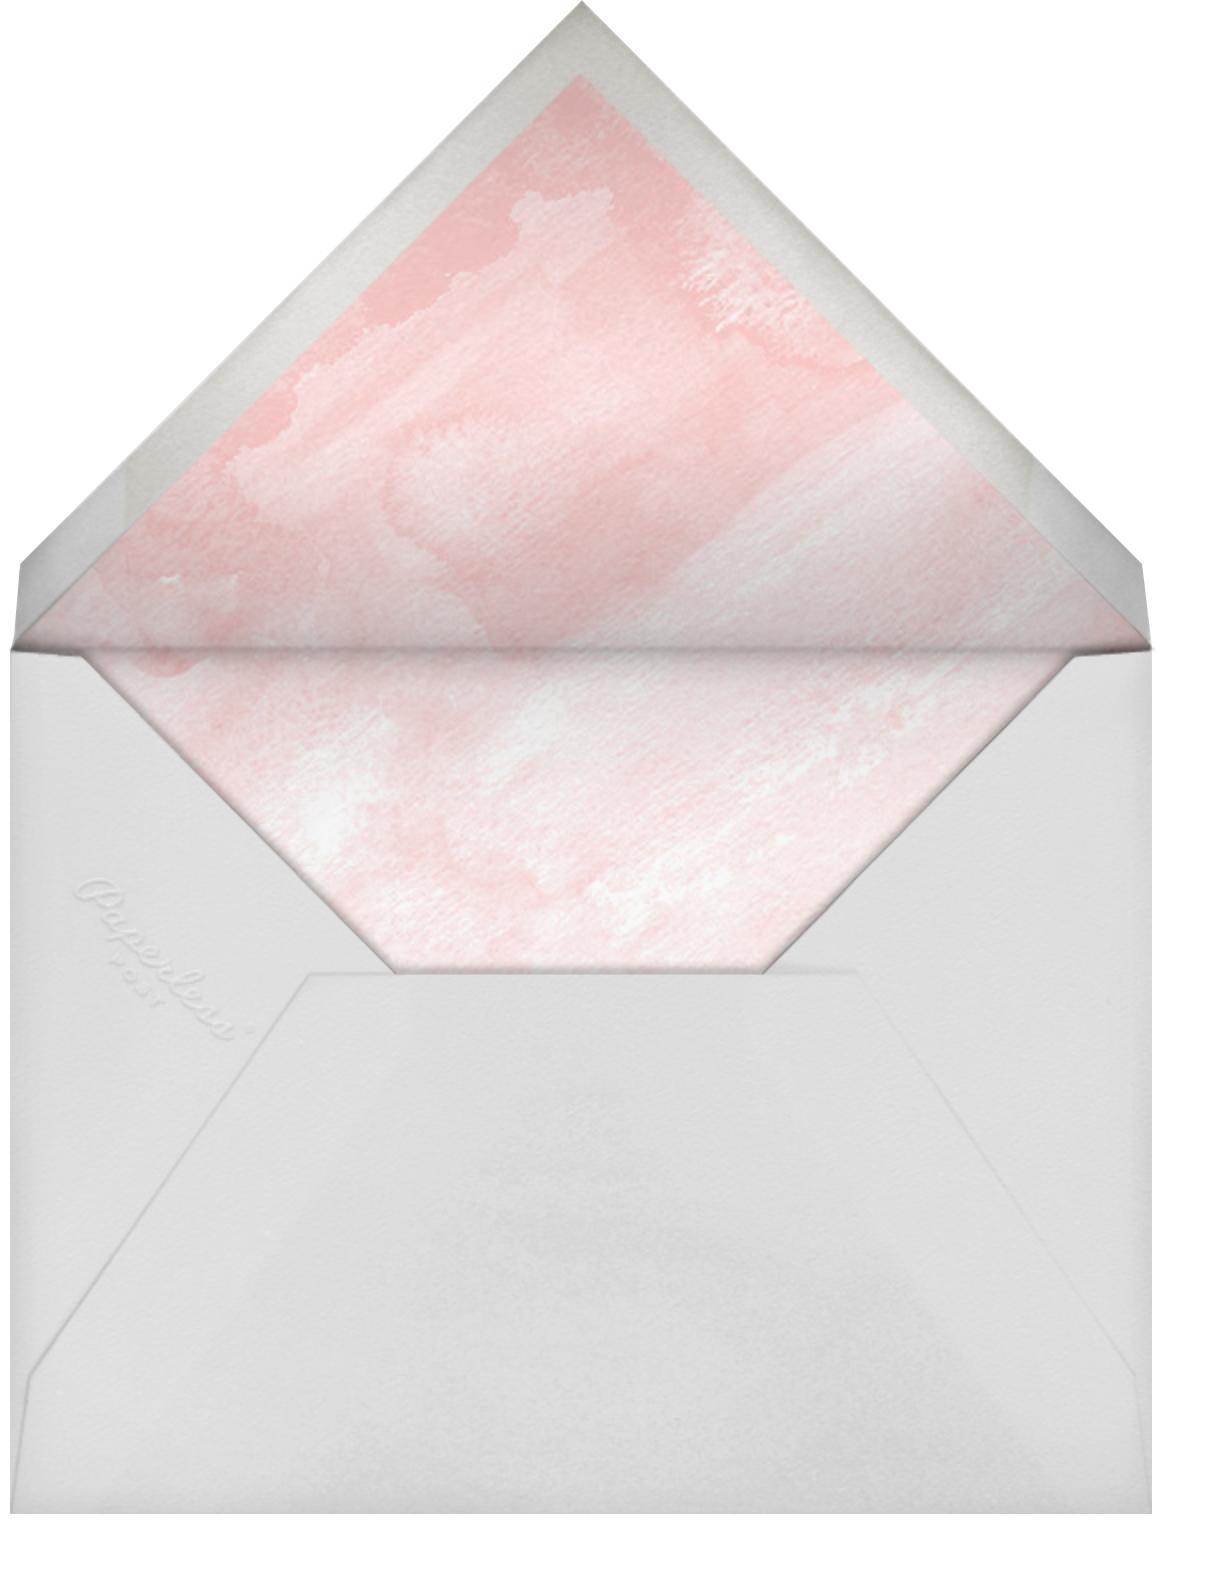 Seashells - Paper Source - Rehearsal dinner - envelope back